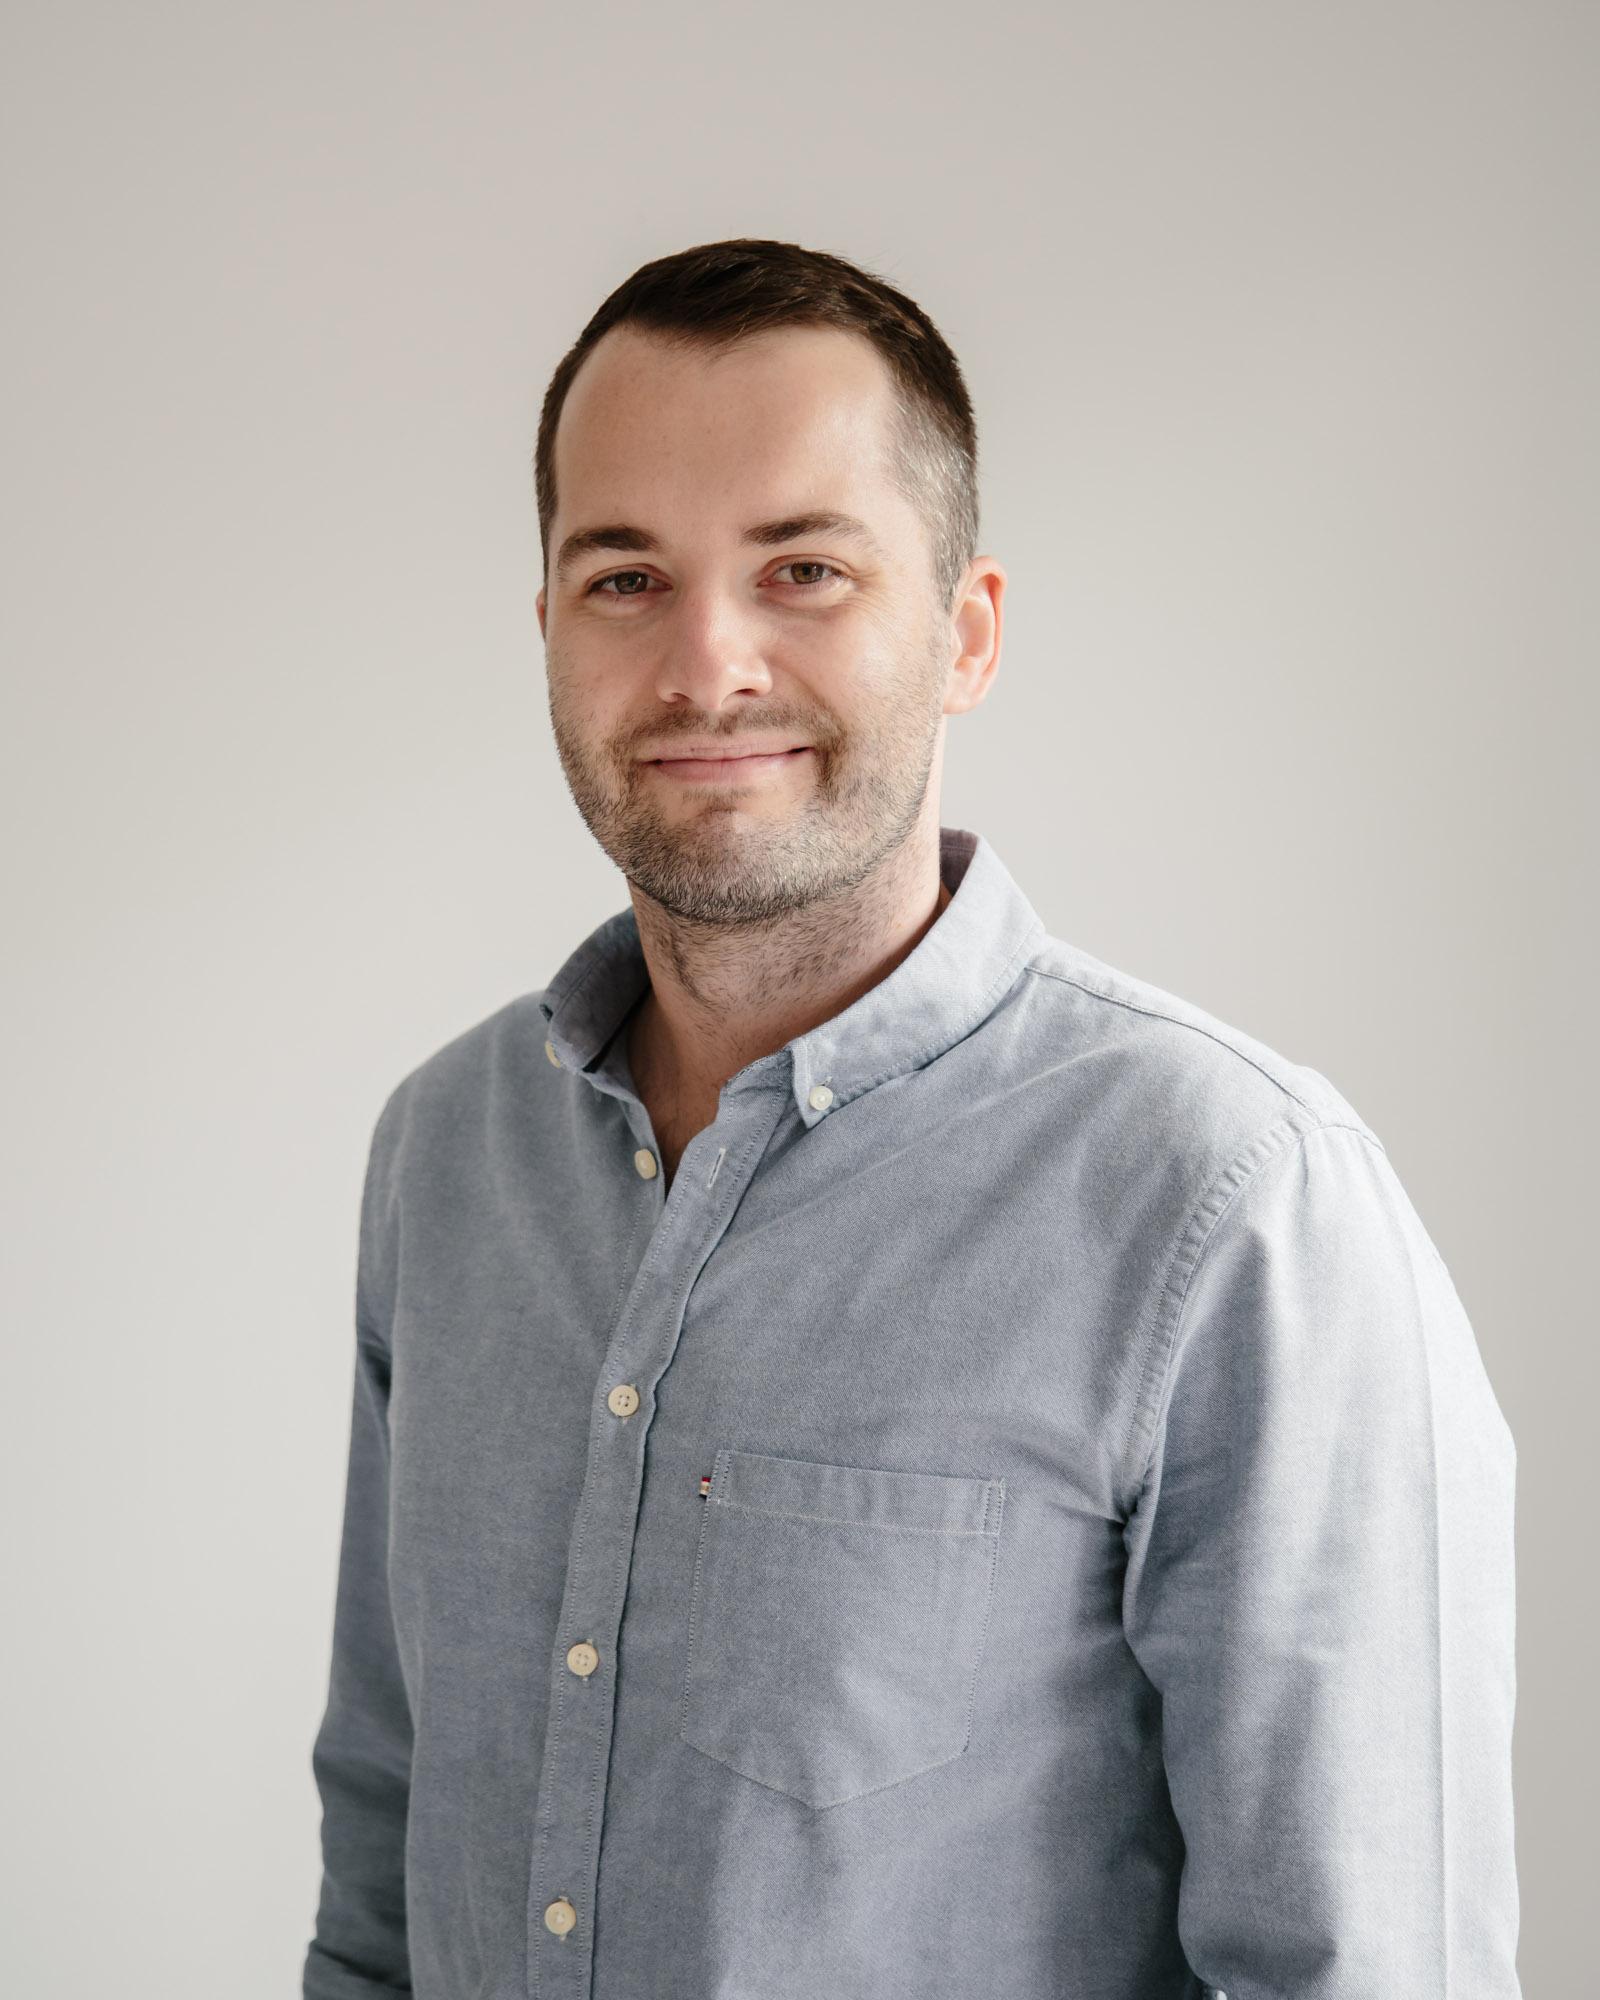 Adam Higginbotham - Architect & Interior Designer